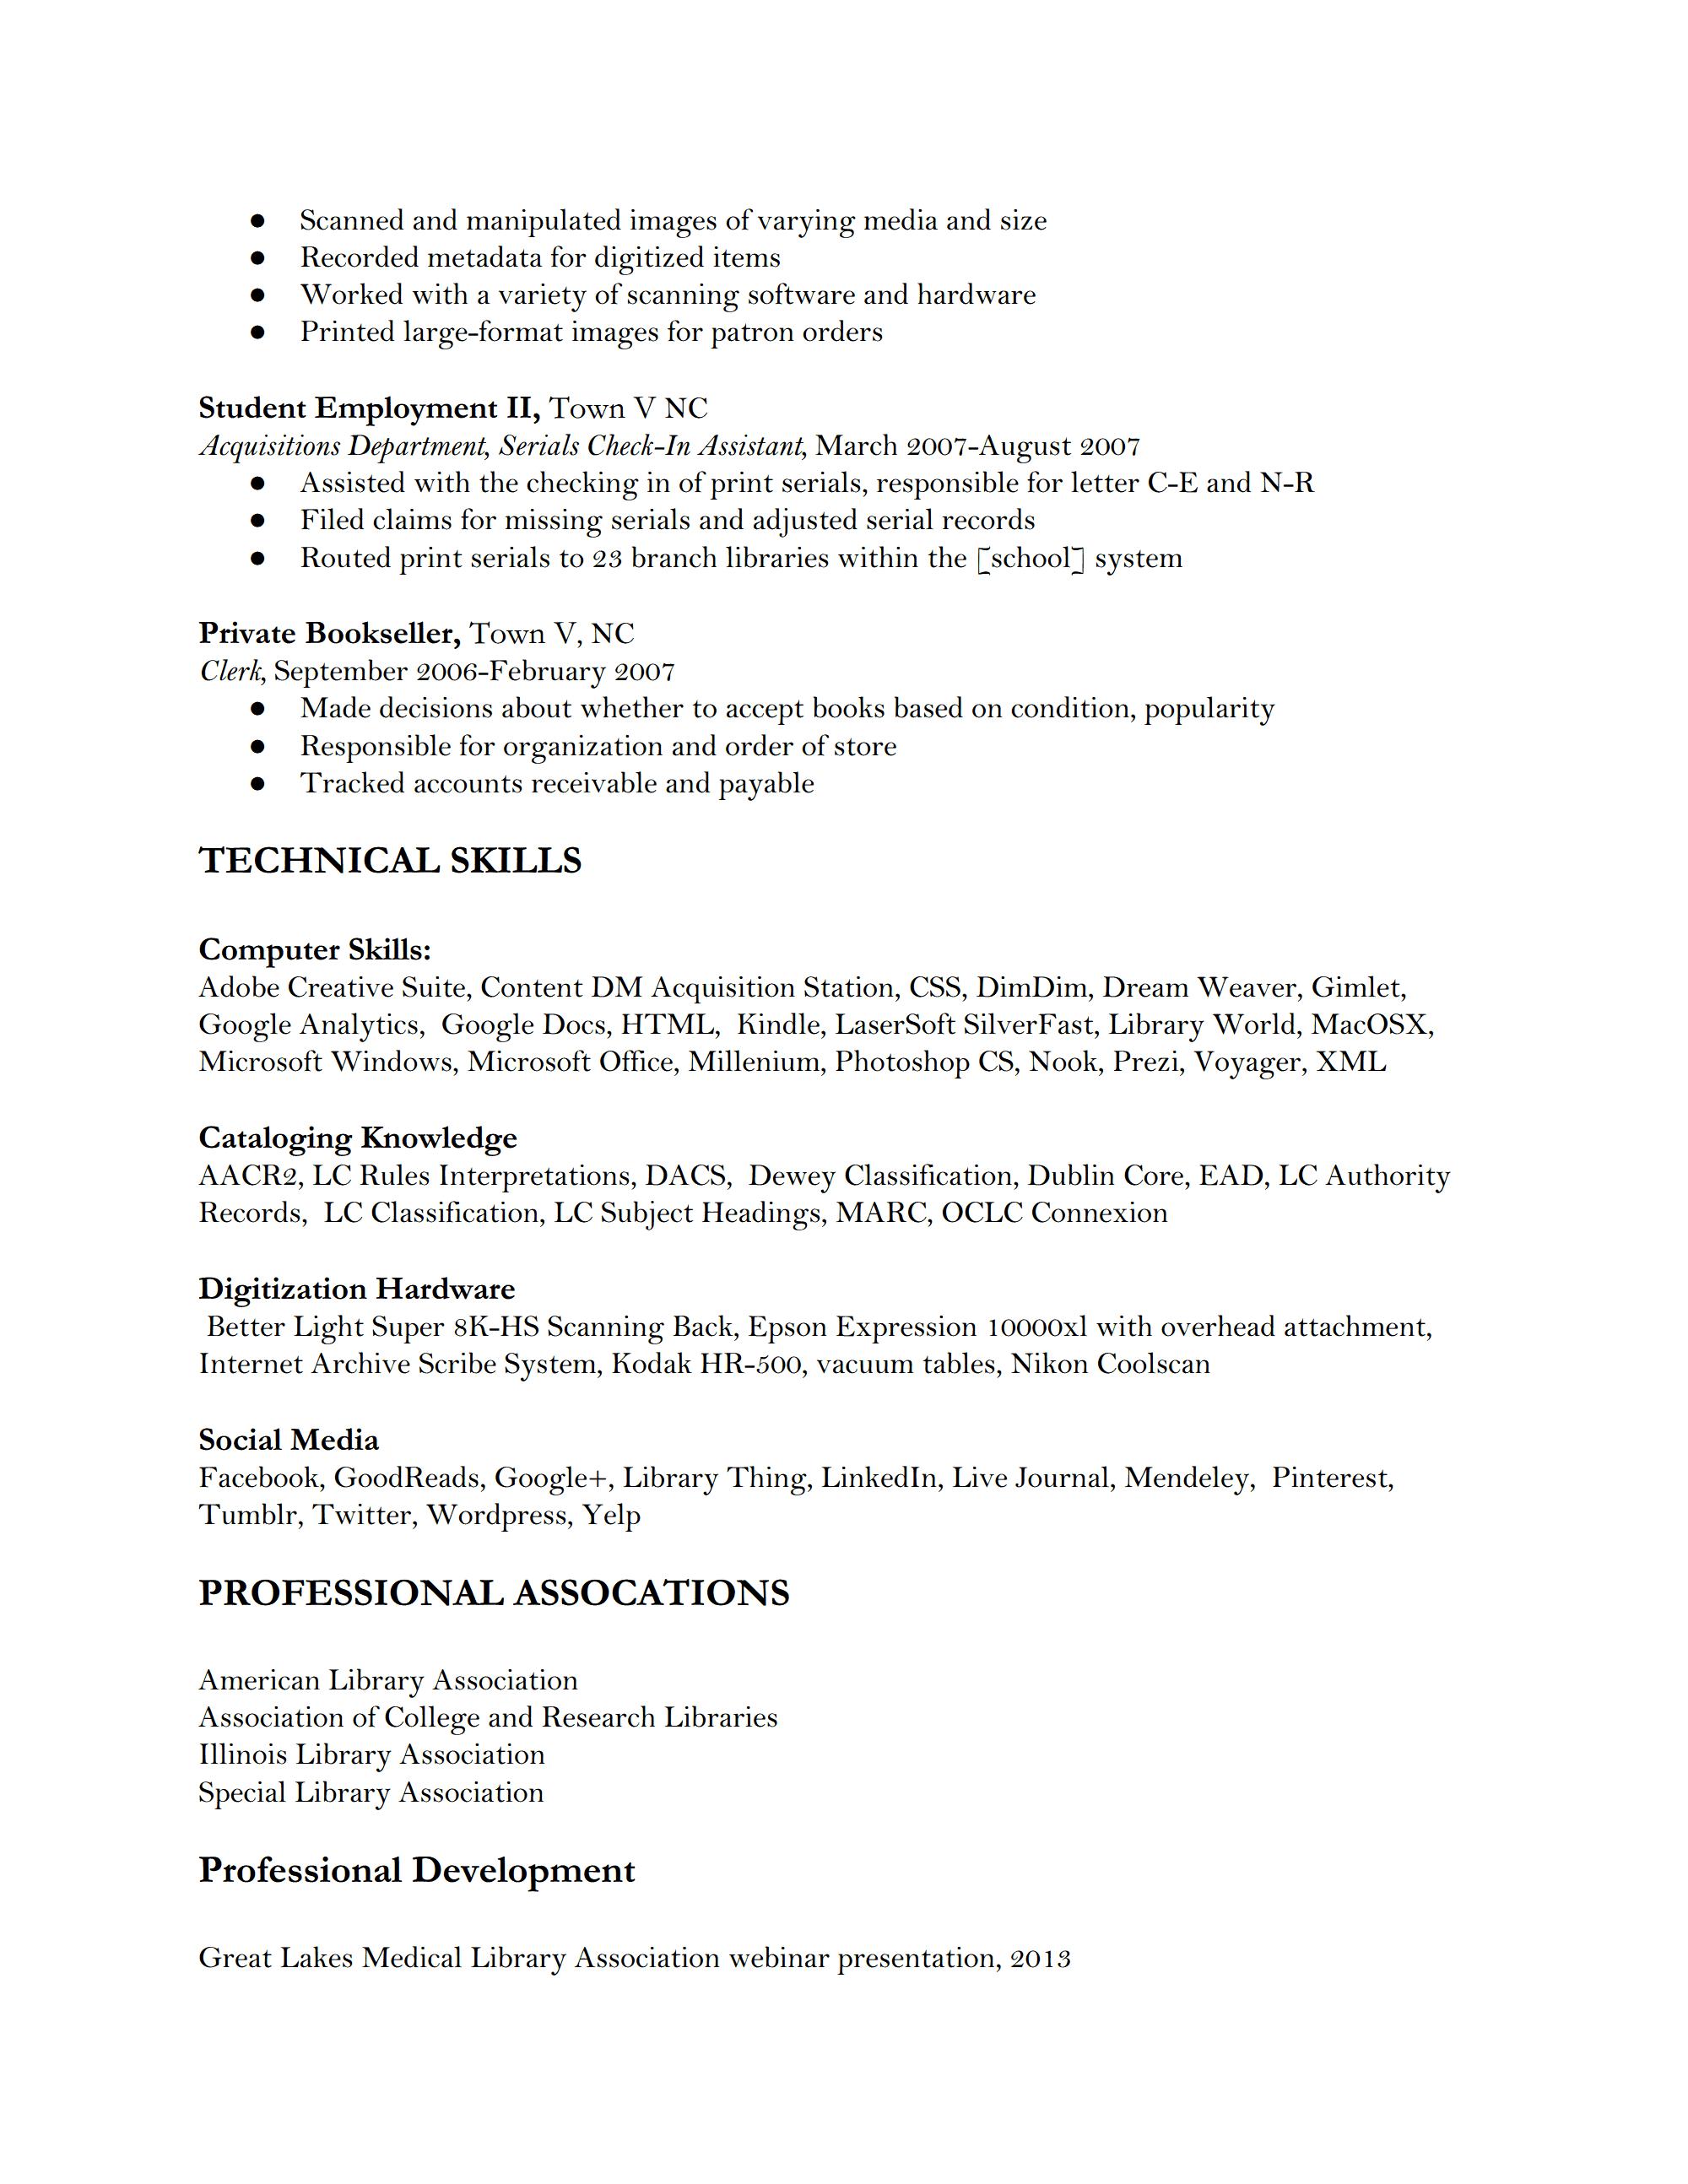 Komposisyong narrative essay